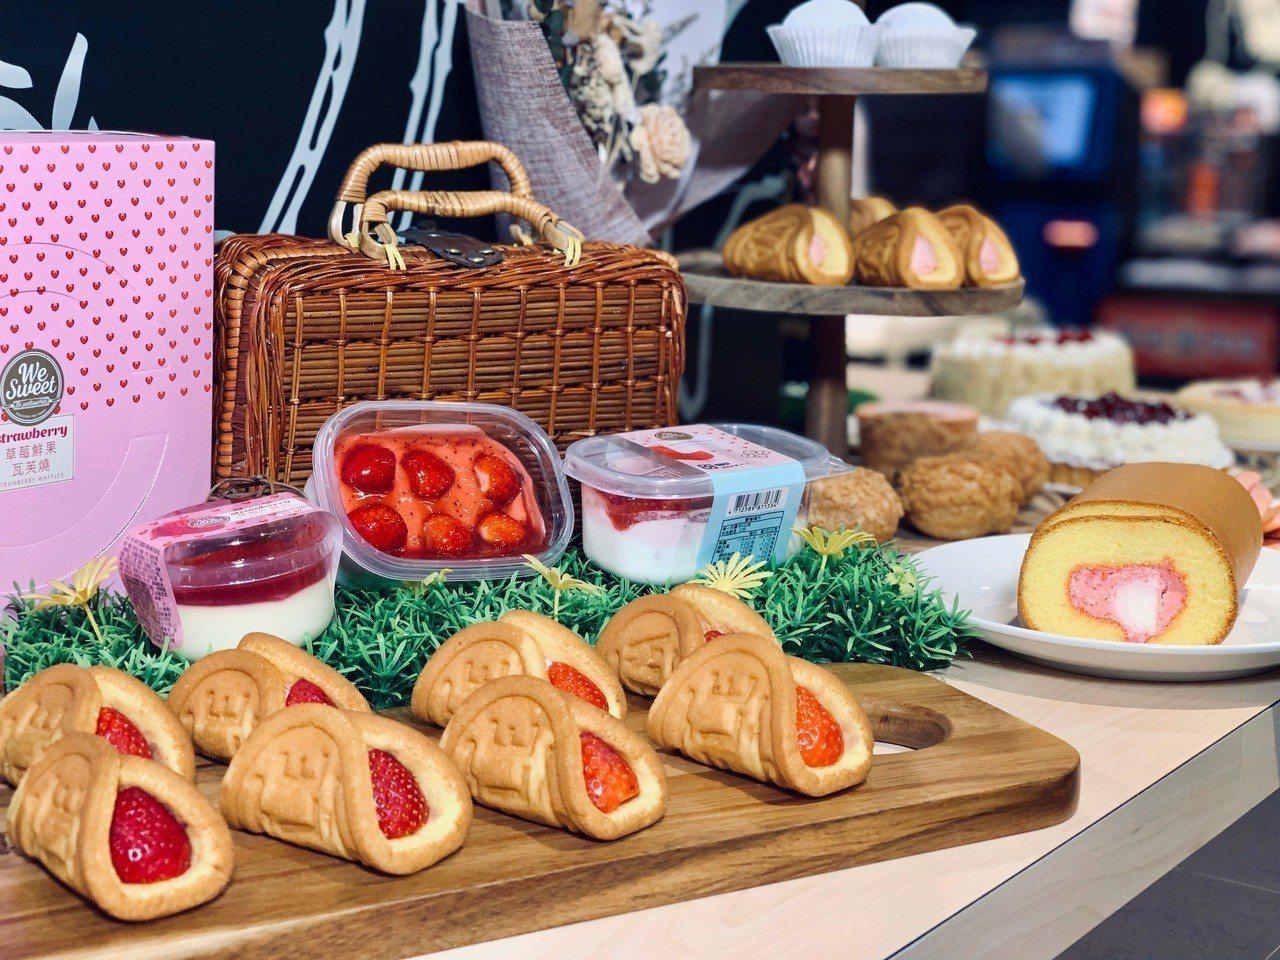 全聯甜點品牌We Sweet推出15款草莓甜點。記者張芳瑜/攝影